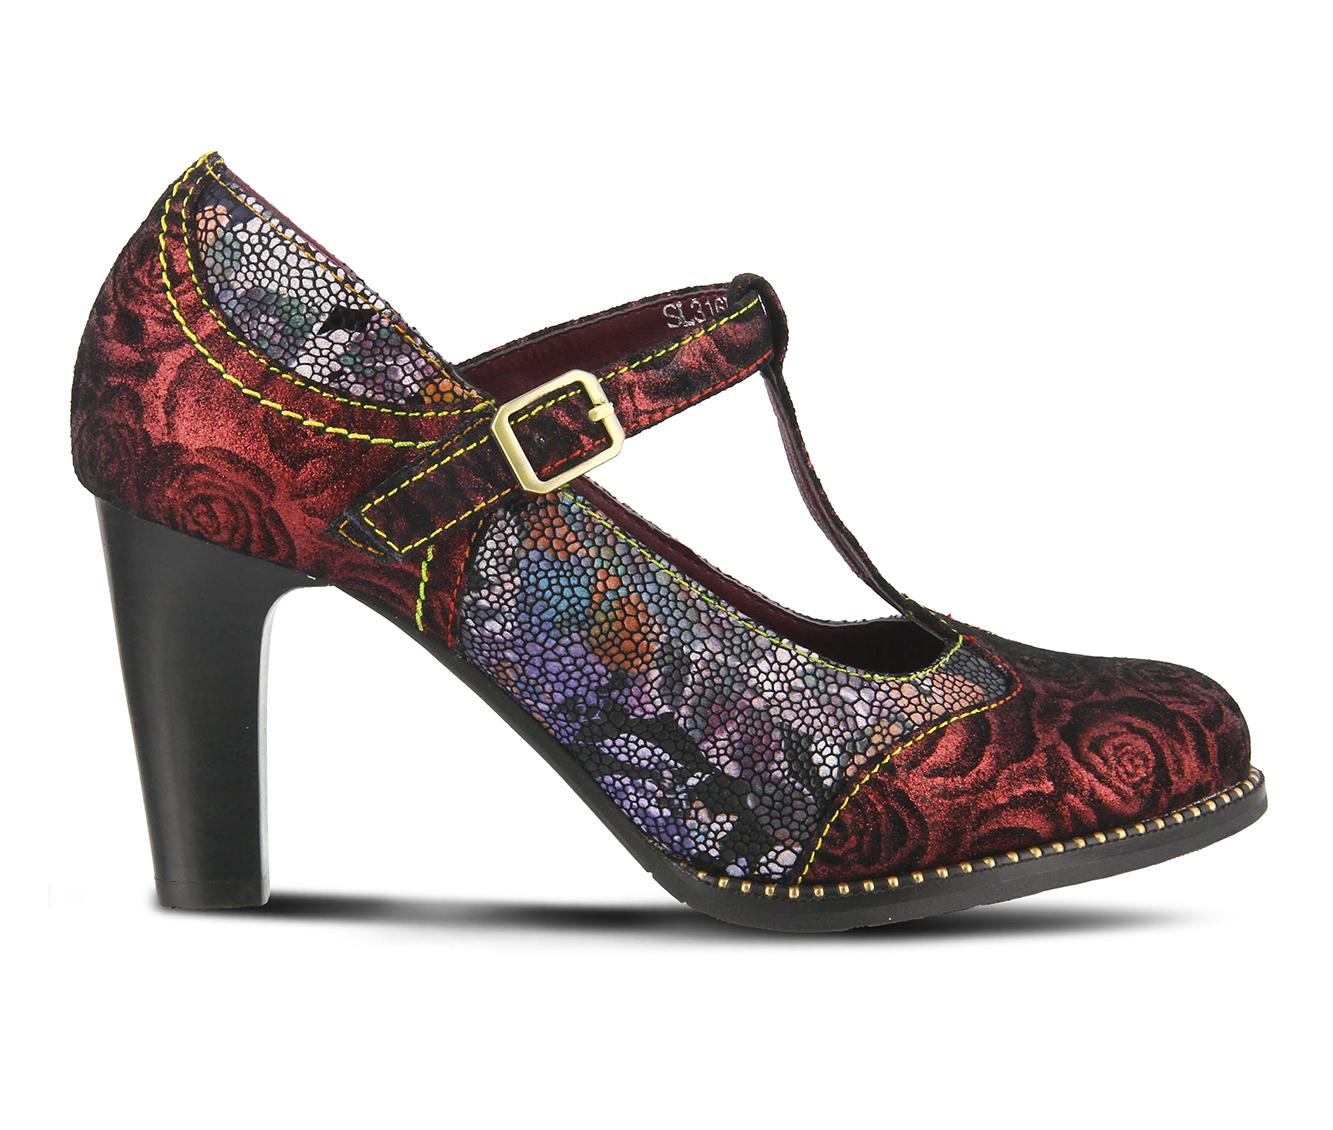 L'Artiste Mazie Women's Dress Shoe (Red Leather)